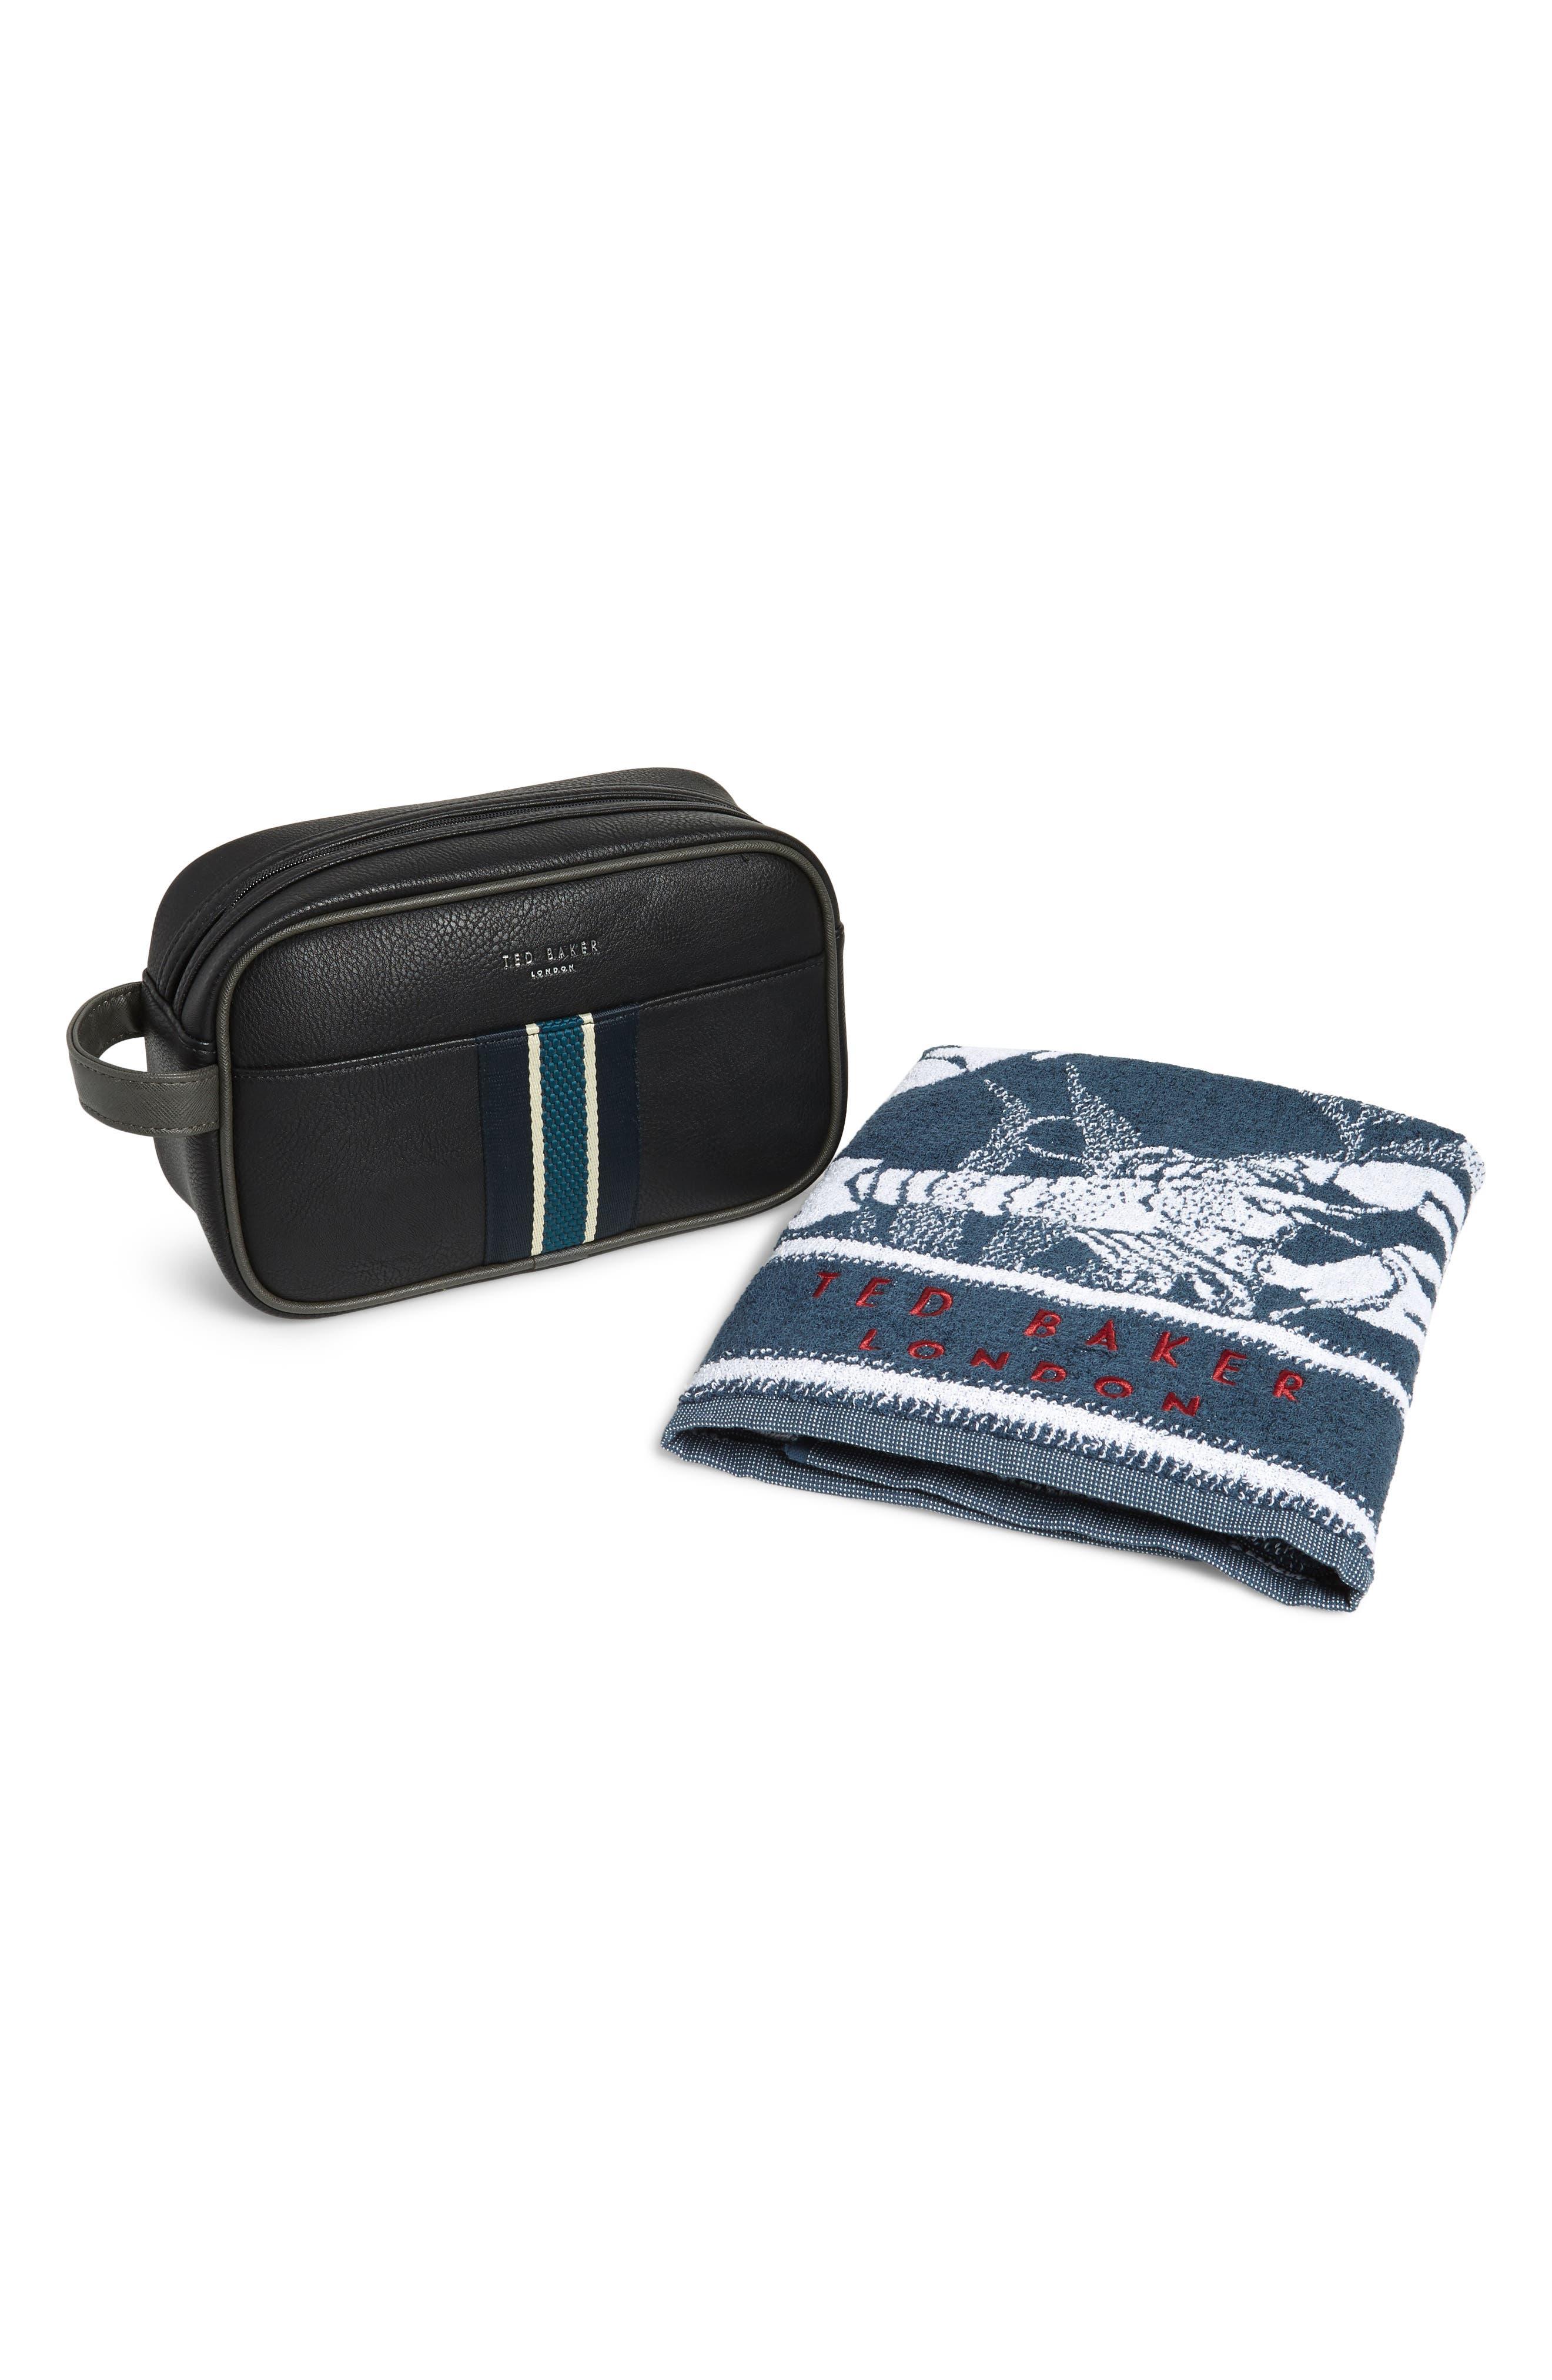 Travel Kit & Towel,                             Main thumbnail 1, color,                             BLACK